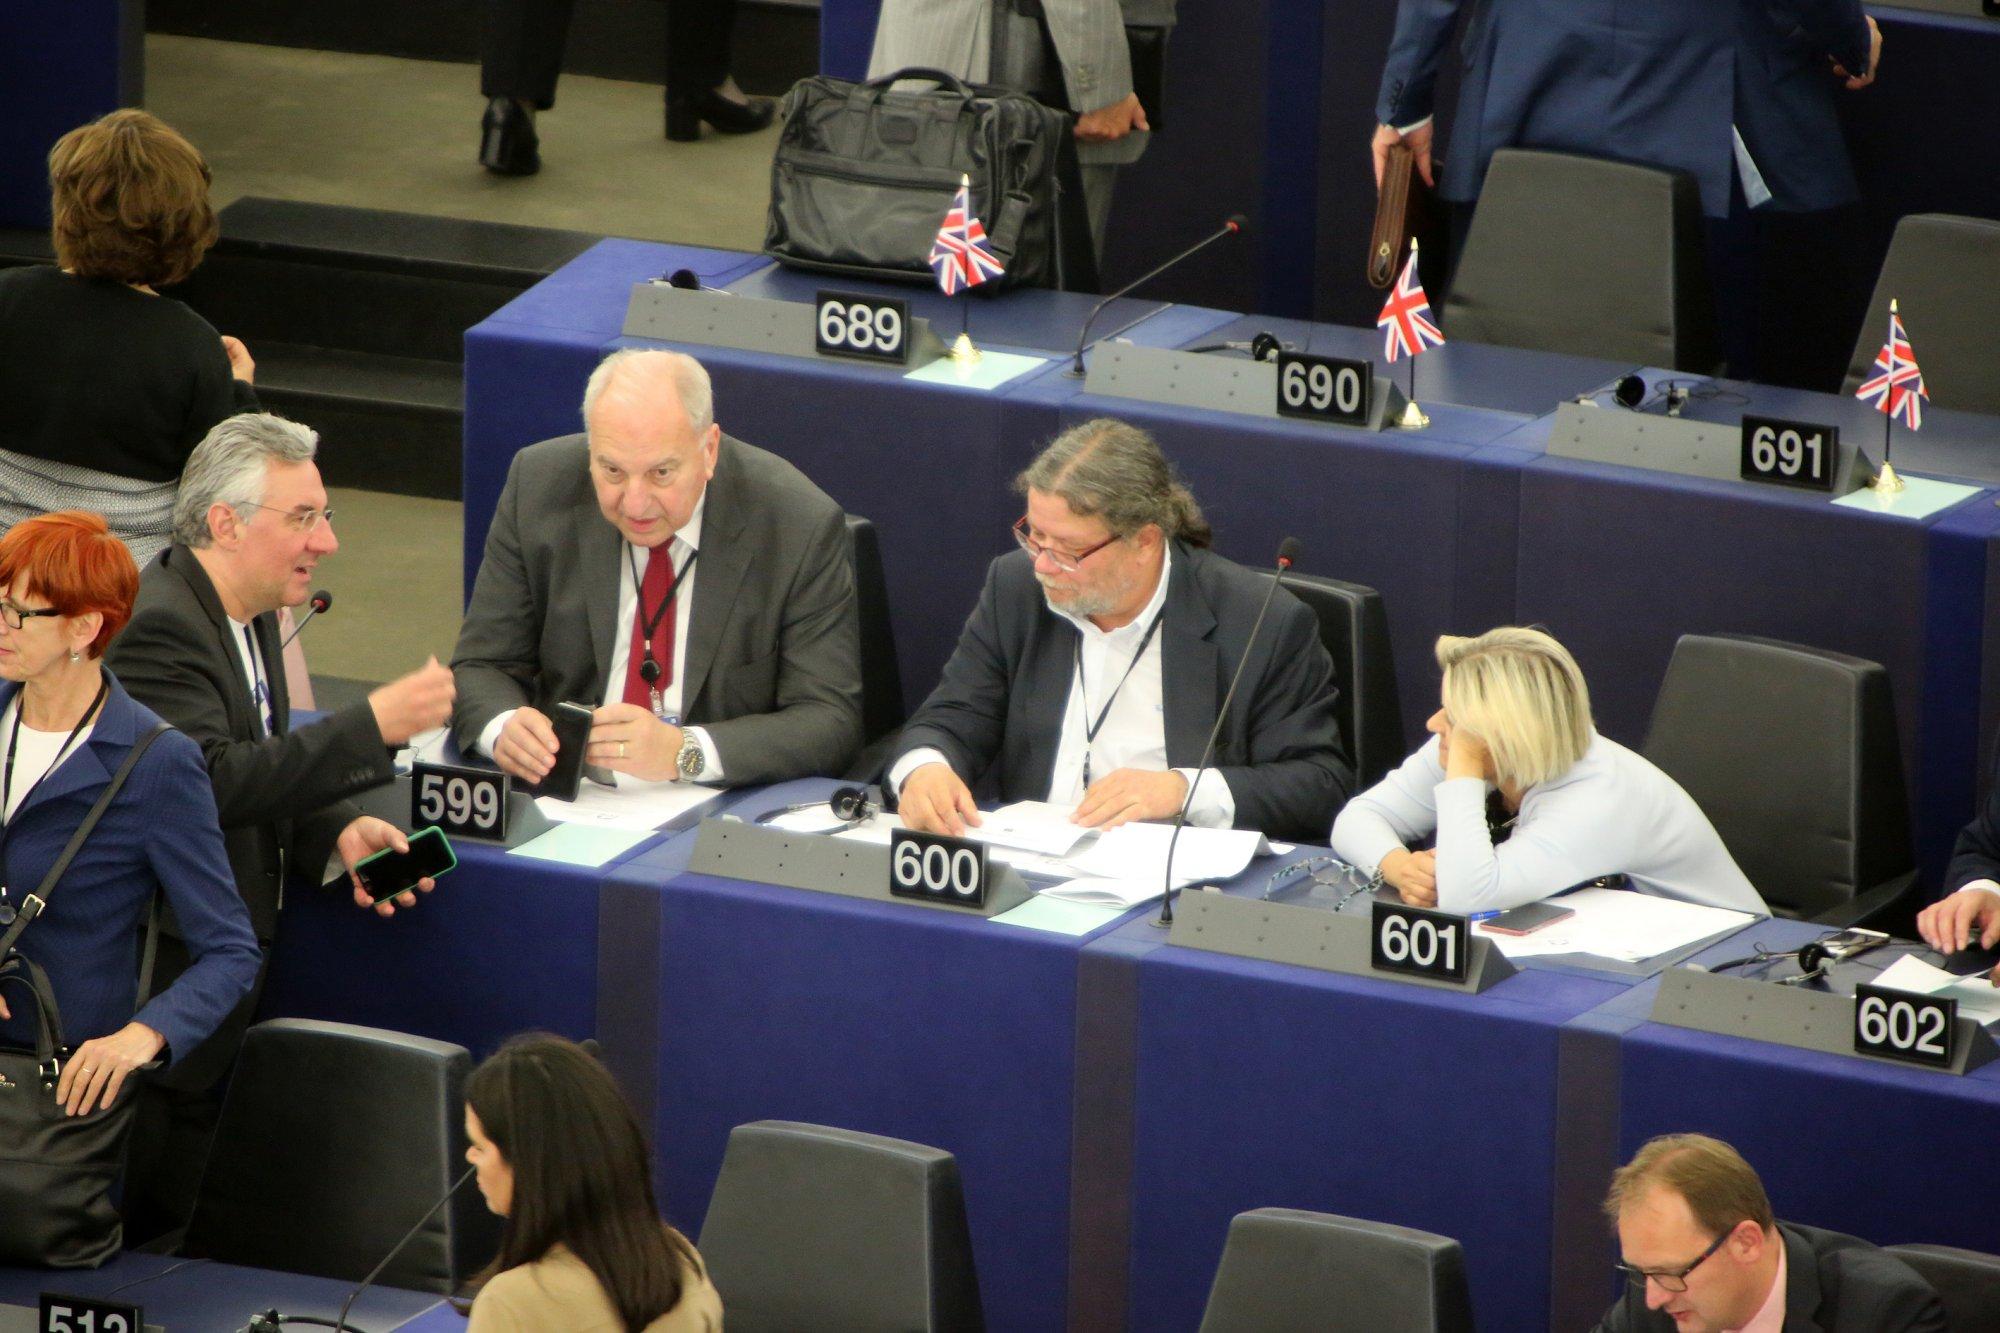 Usnesení poslaneckého klubu ODS v Evropském parlamentu k debatě o Strategii EU k Izraeli a Palestině